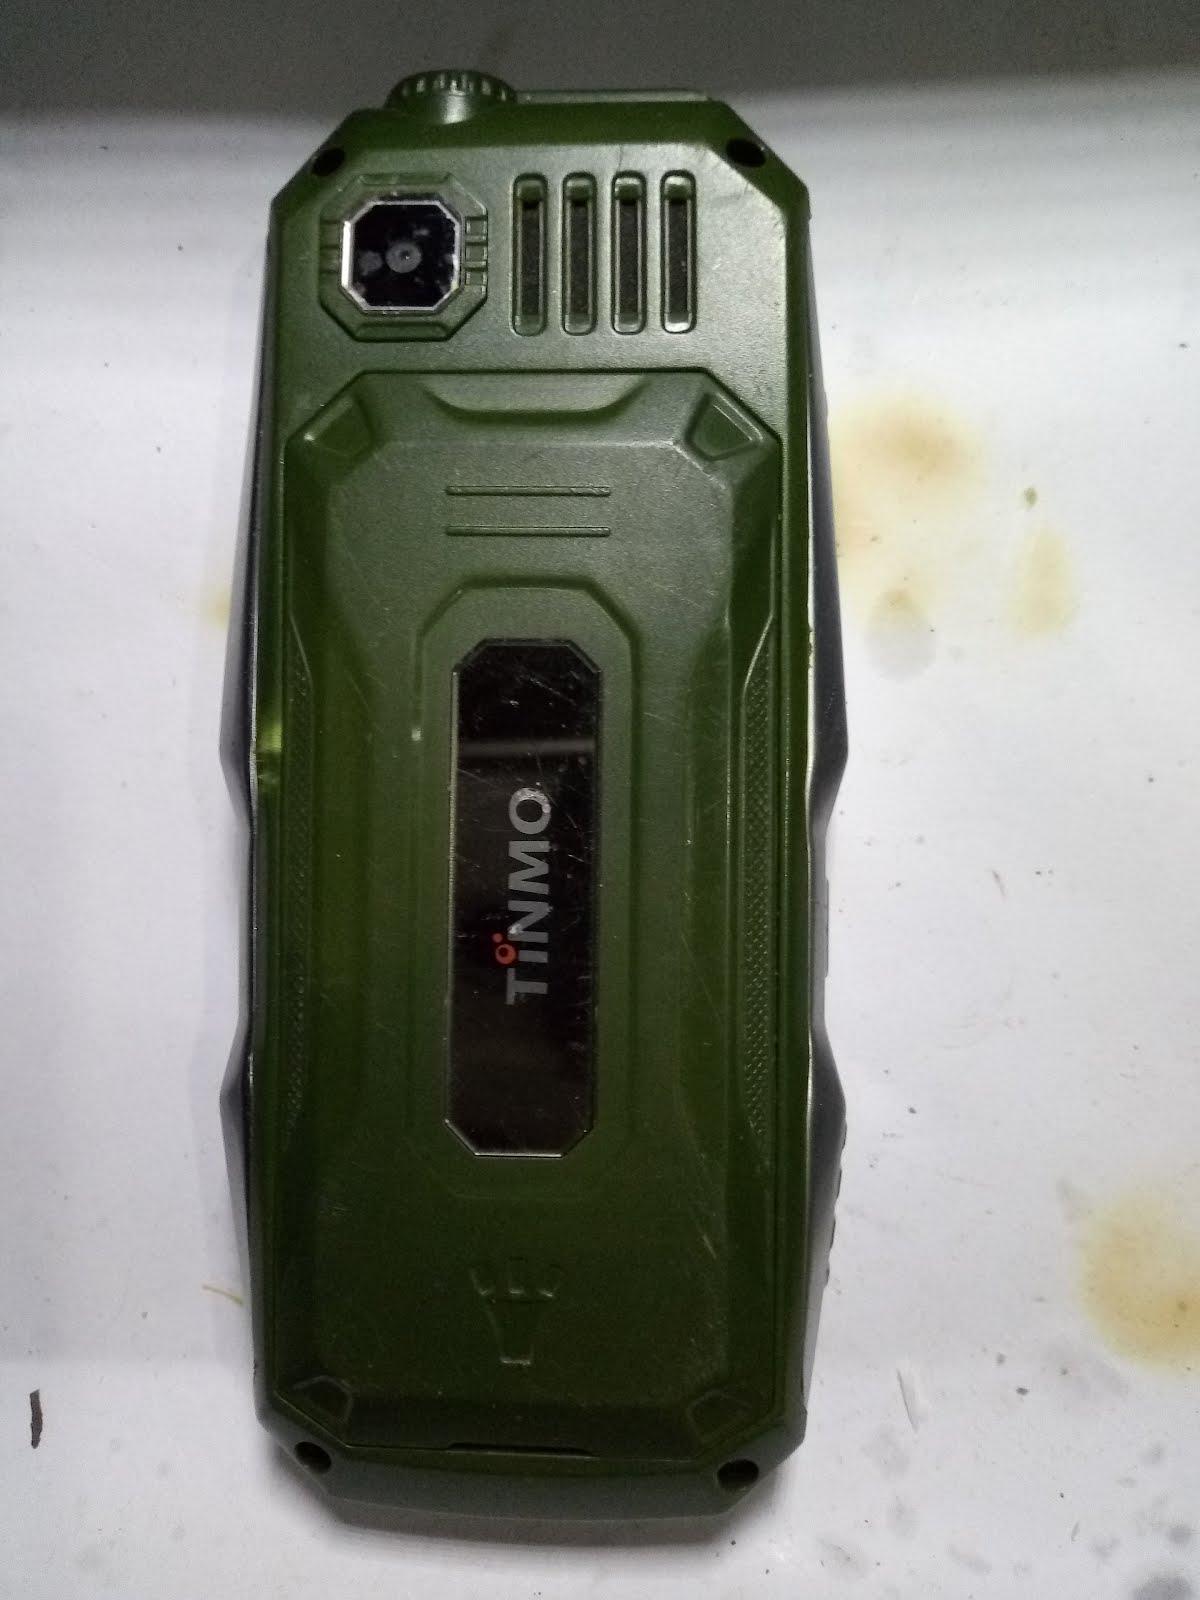 TiNMO F188 Firmware www.gsmnote.blogspot.com